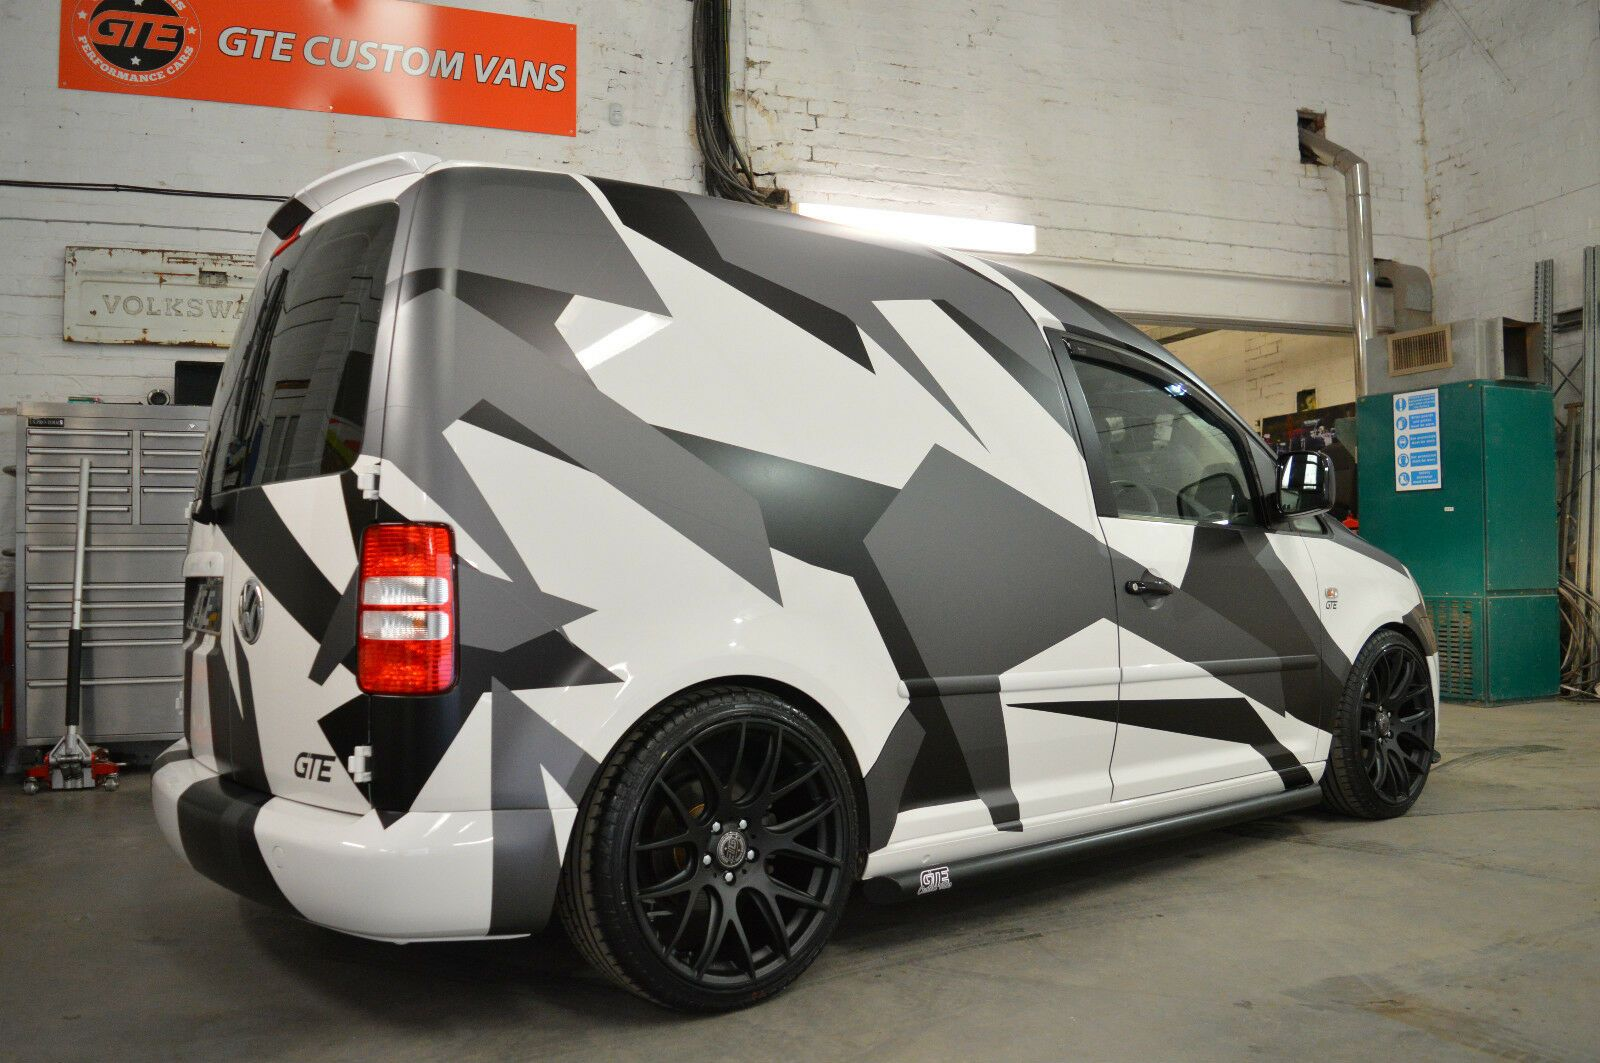 2015 Vw Caddy Van 102 Tdi Gte Camo Edition 21 Months Vw Warranty 15k Miles 13 495 00 Picclick Uk In 2020 Caddy Van Volkswagen Touran Camo Car